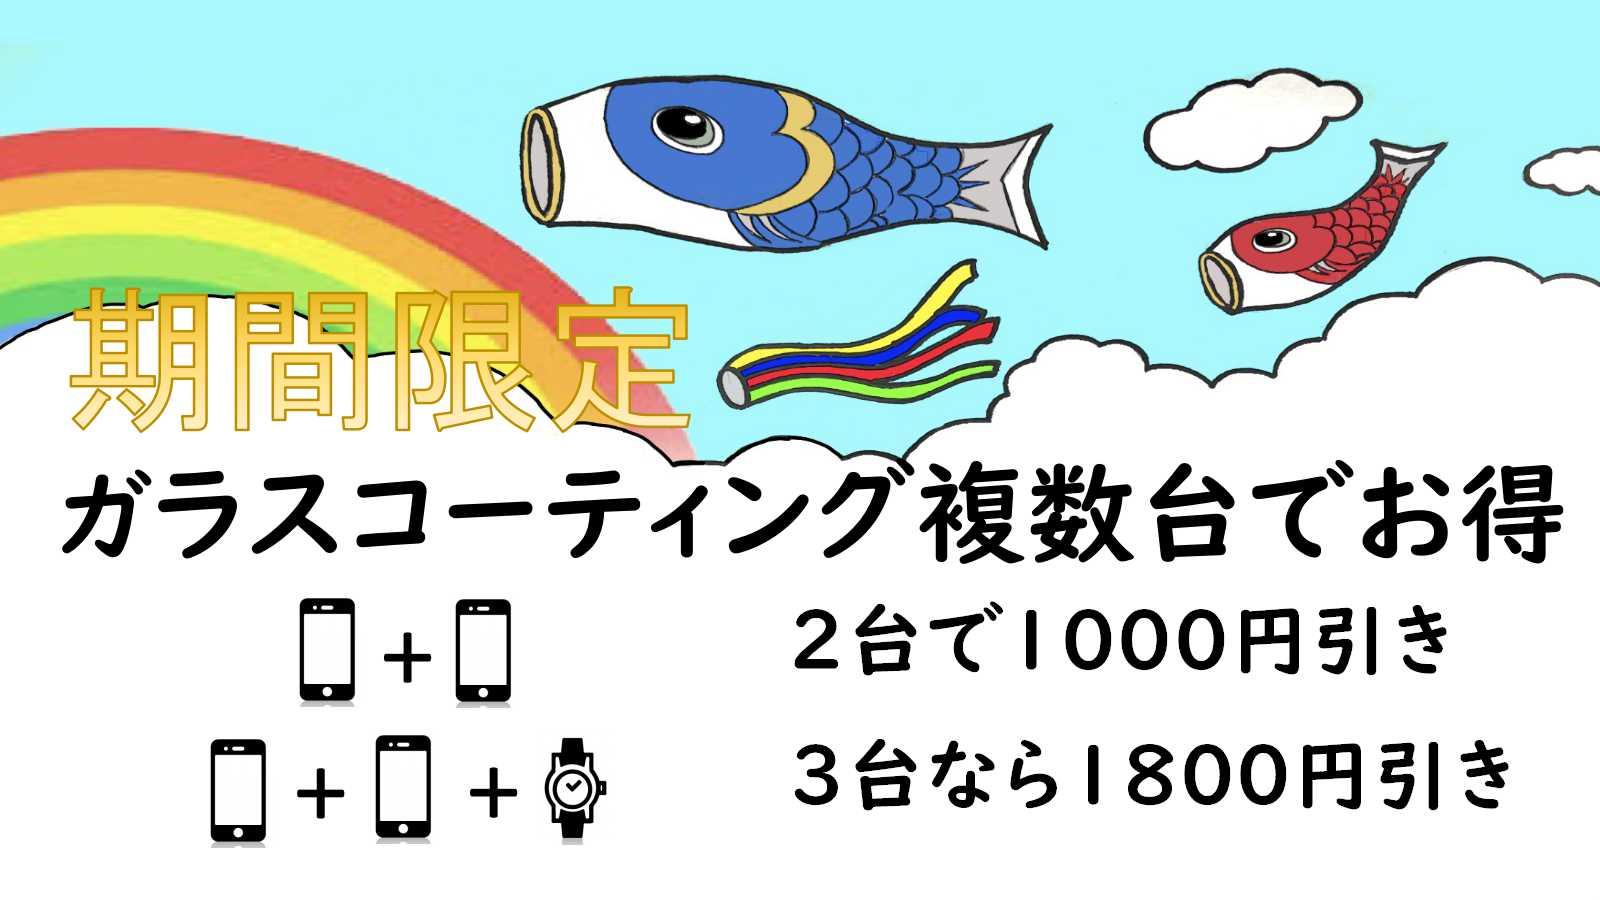 ゴールデンウィーク限定!!ガラスコーティング複数施工で割引イベント!!!